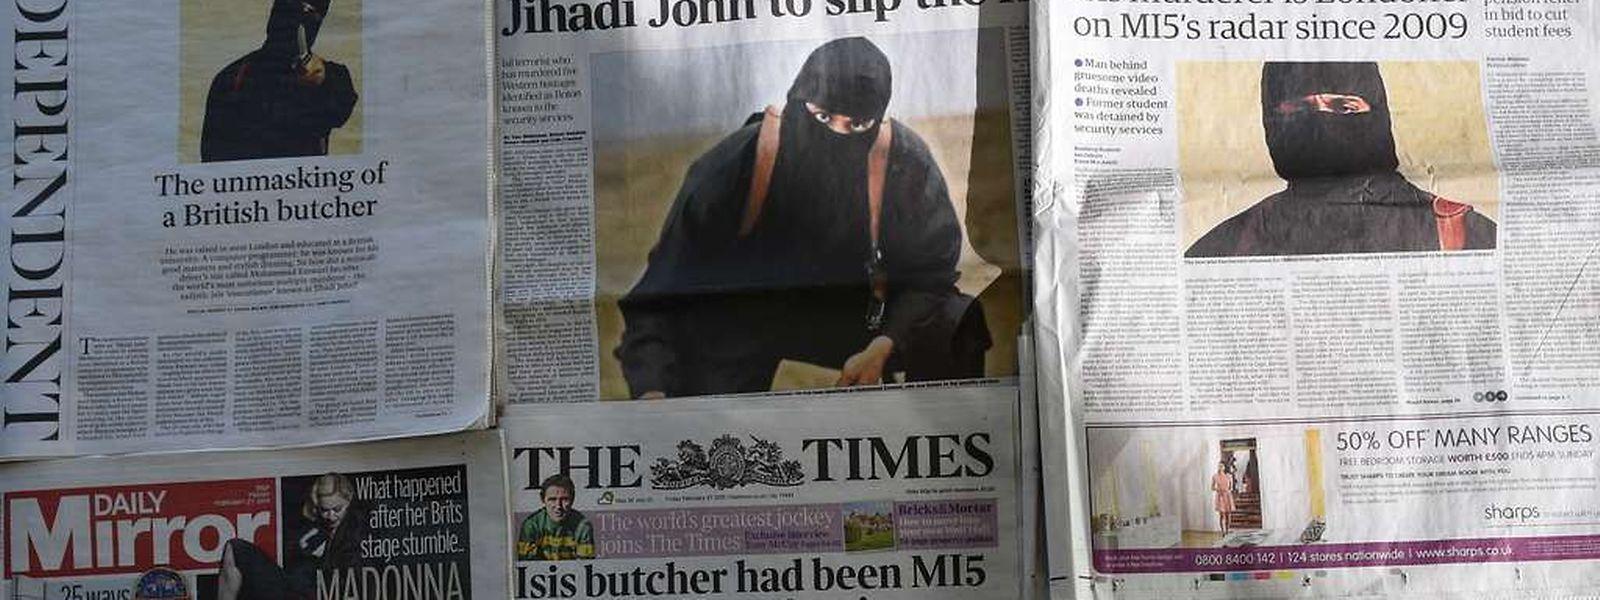 """Auch wenn die Geiseln freigelassen sind, wird nach """"Jihadi John"""", dem maskierten Mörder, der im Auftrag internationale Geiseln vor der Videokamera tötete, weiter."""